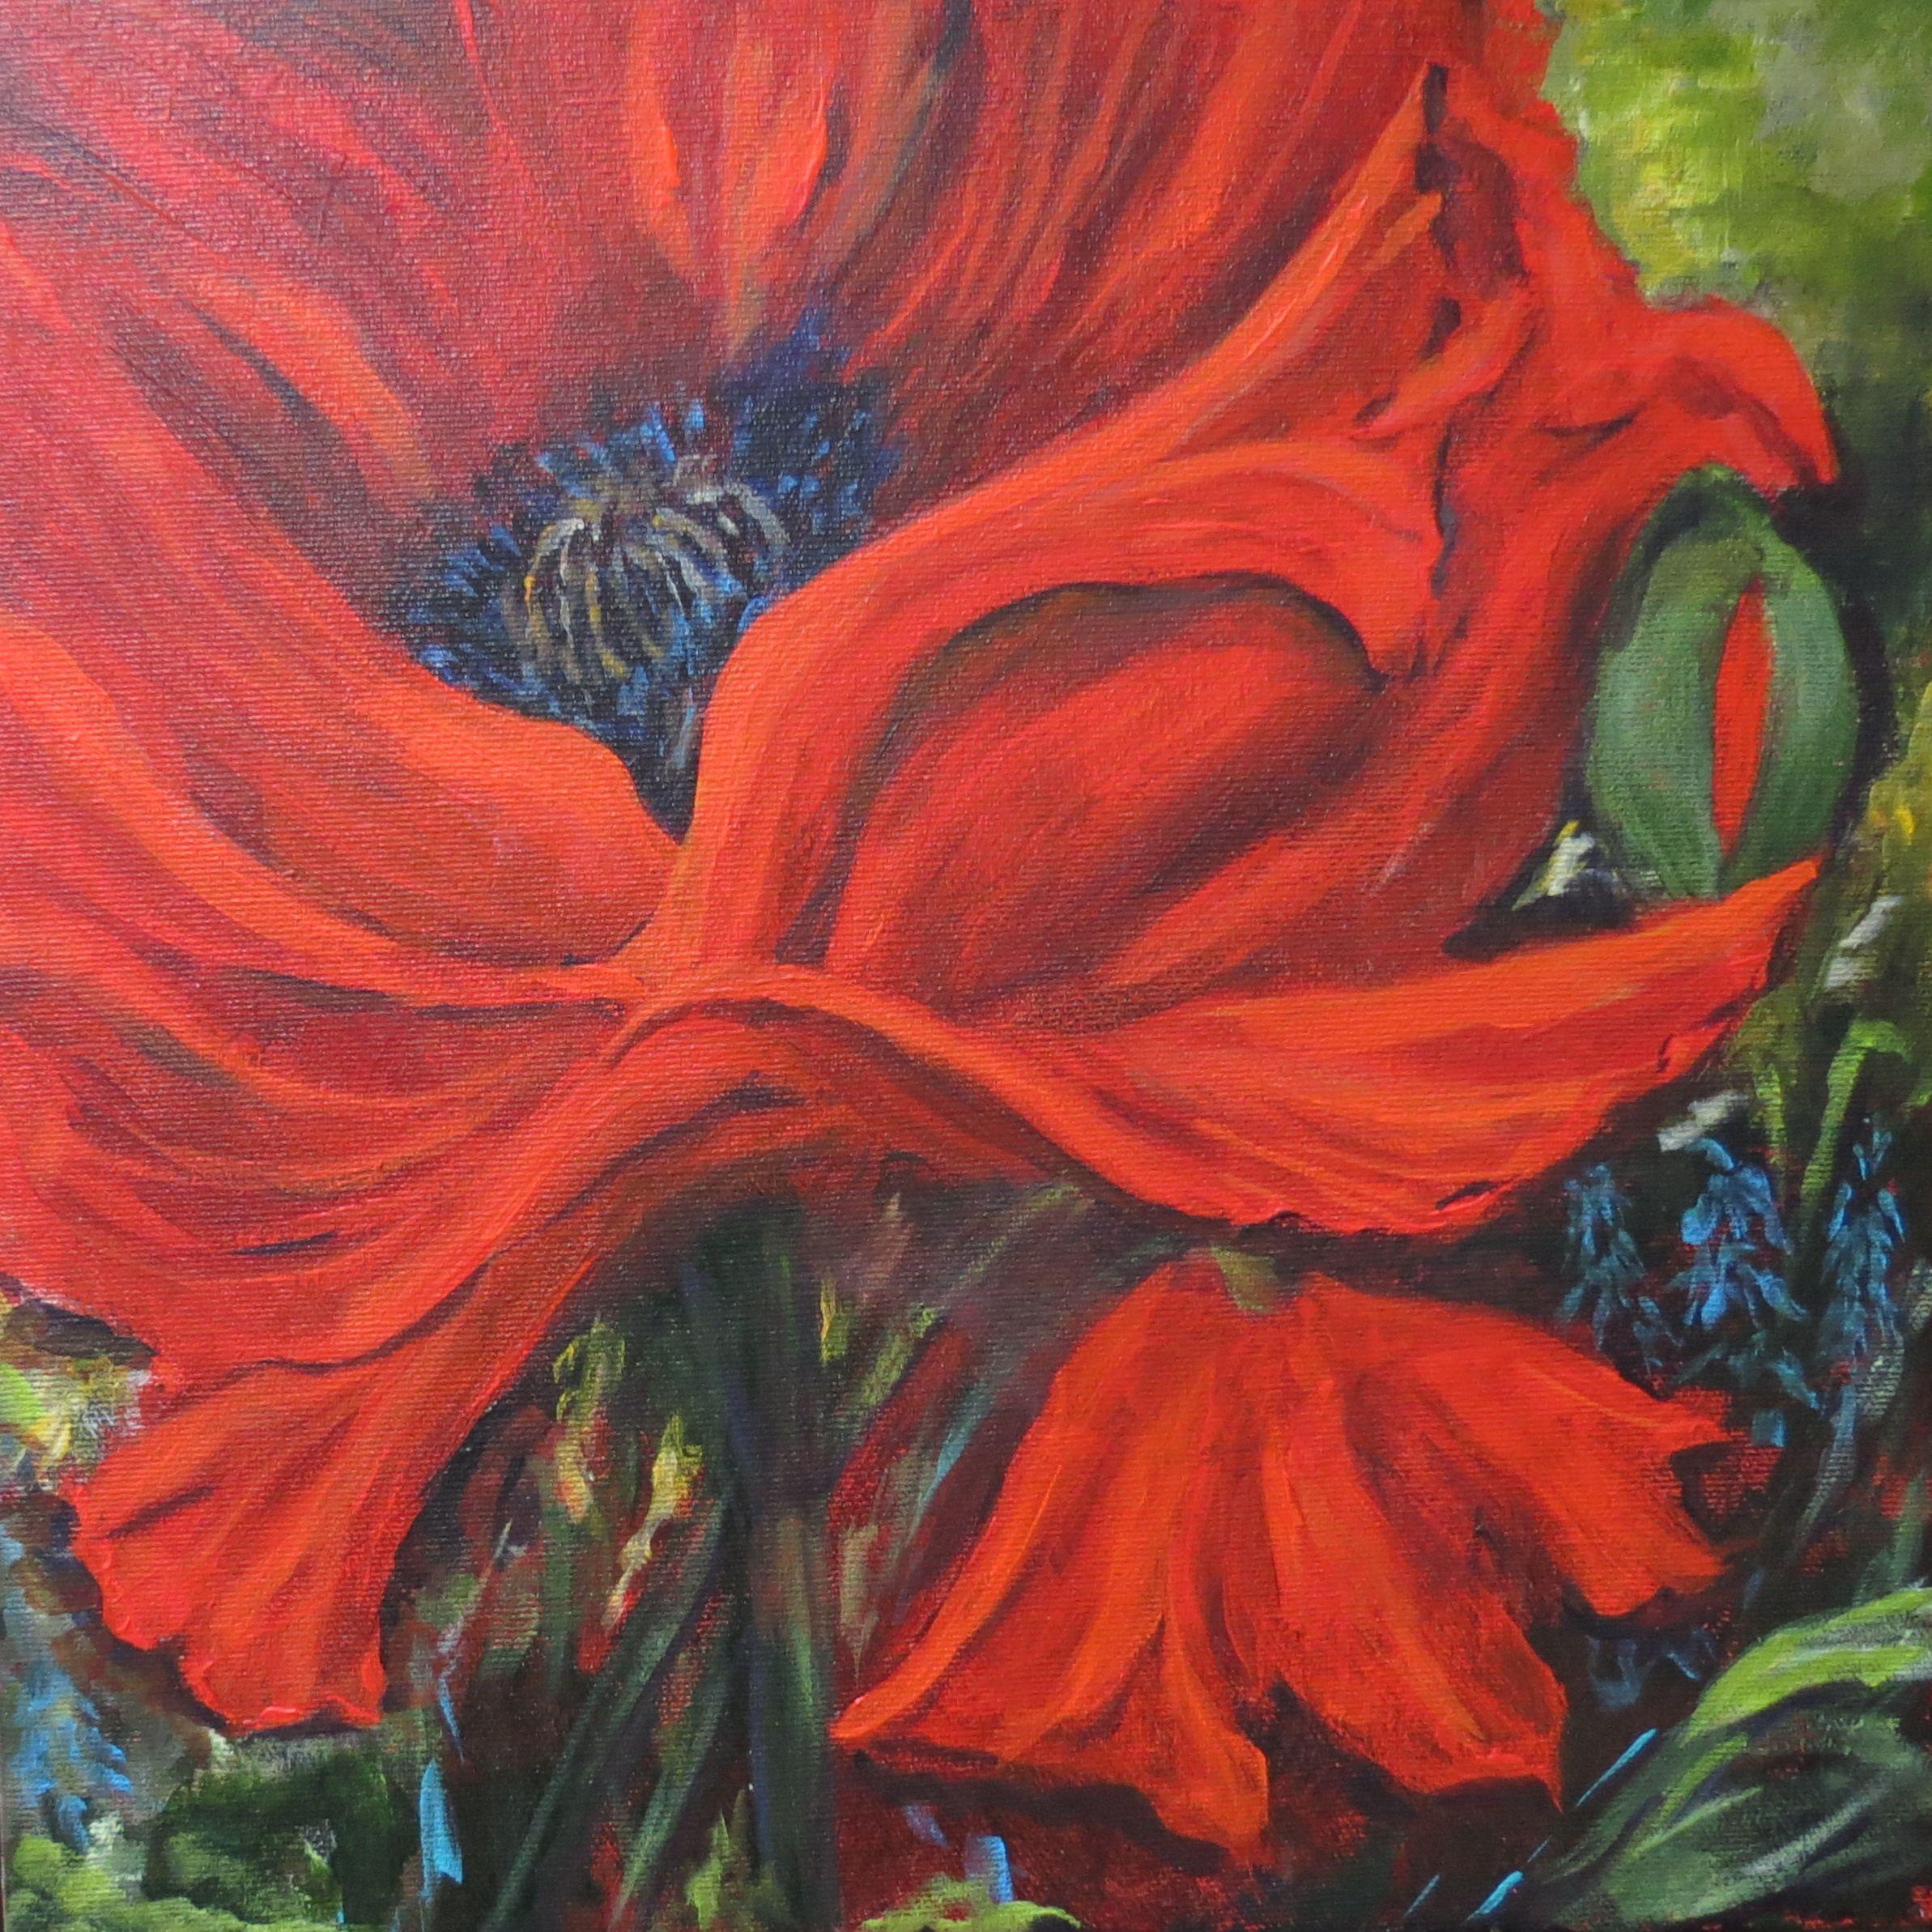 Wild Poppy by Lana Hart